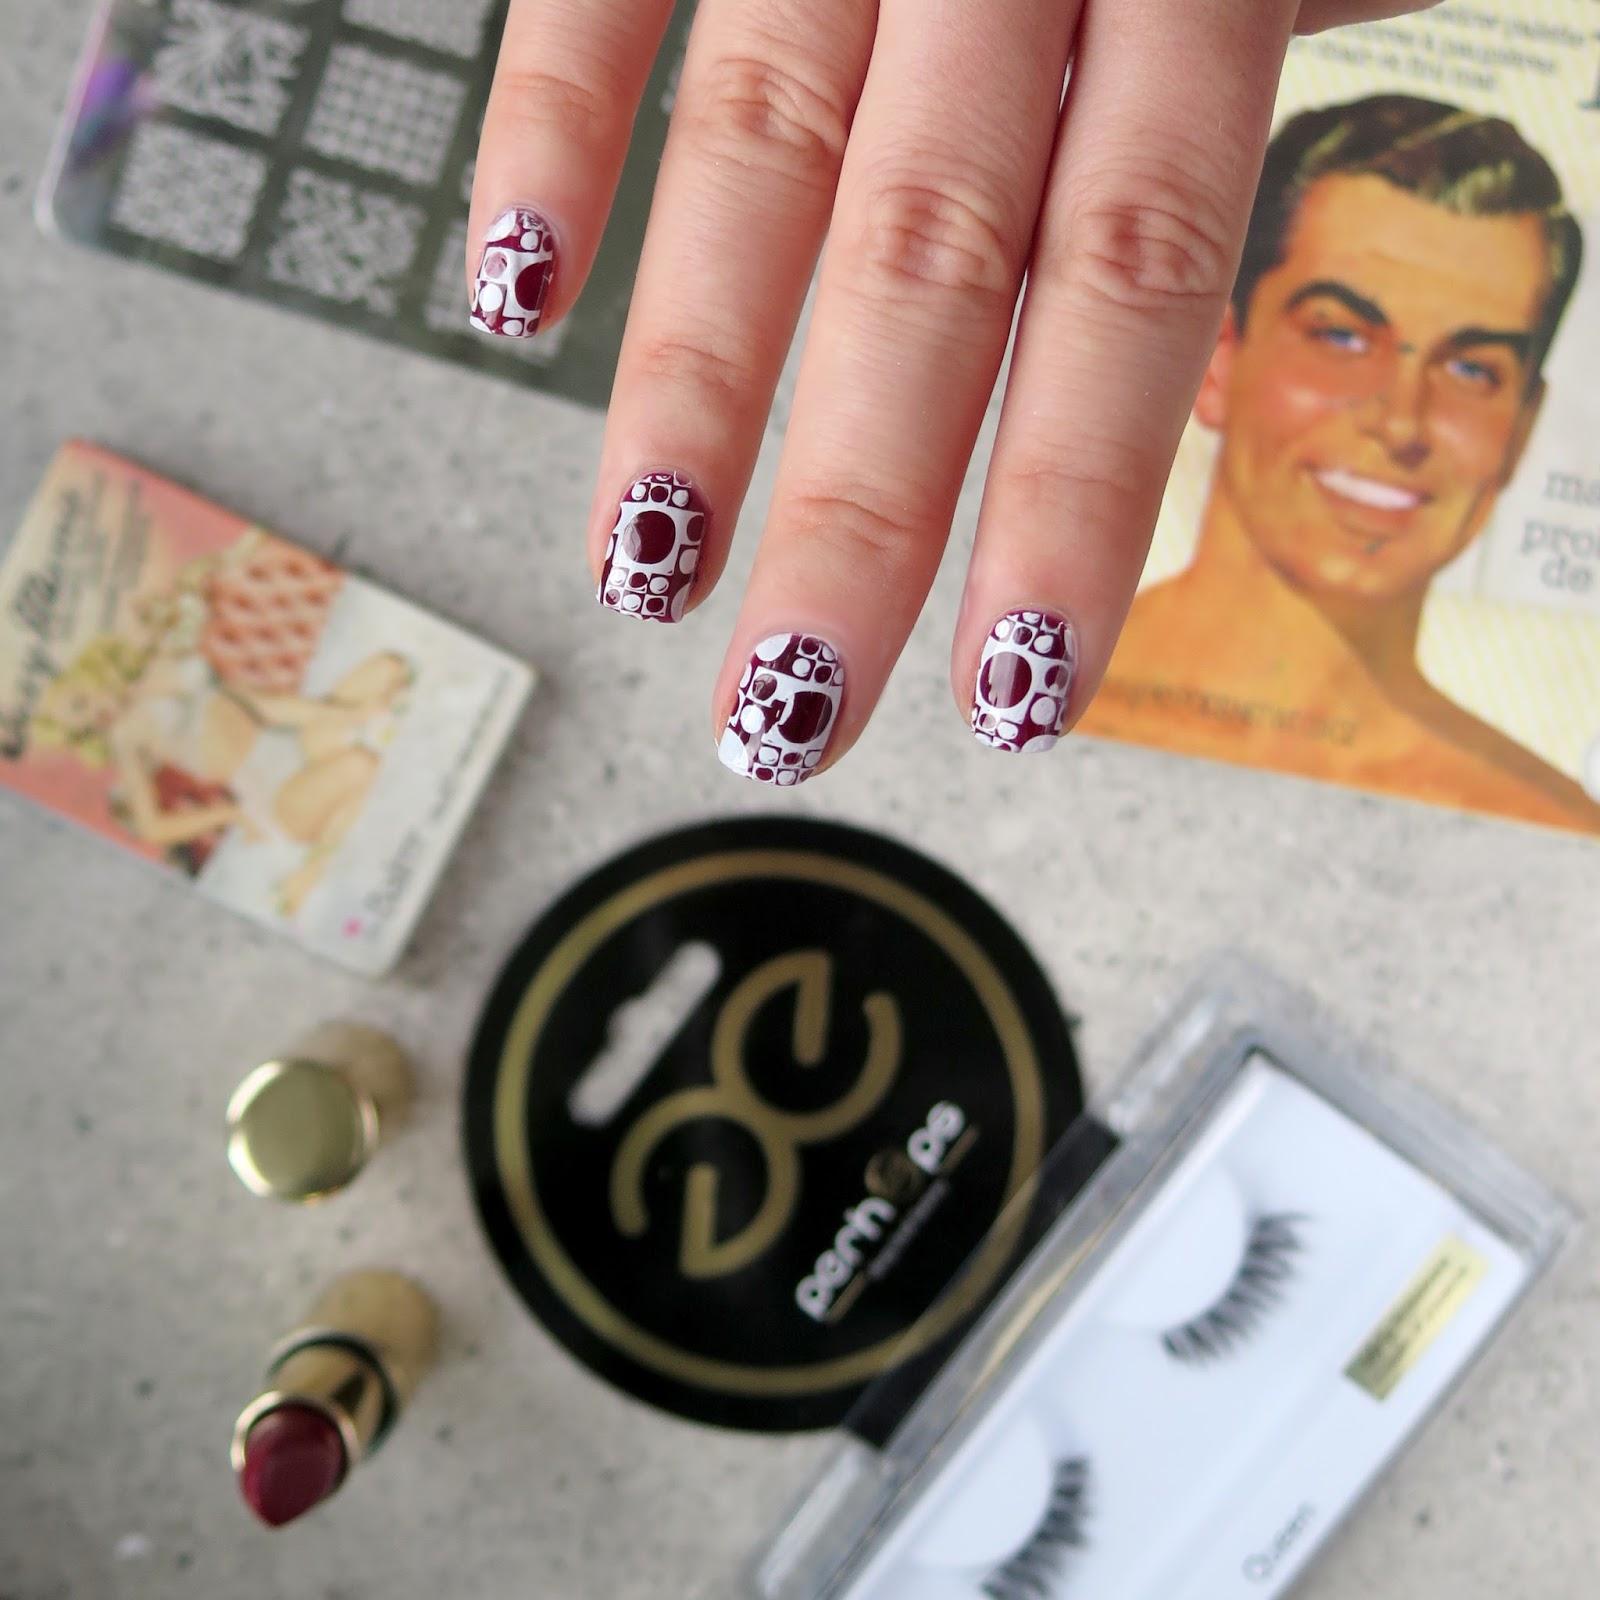 Styl pin up – zdobienia paznokci, fryzura bez lokówki i klasyczny makijaż ze sztucznymi rzęsami